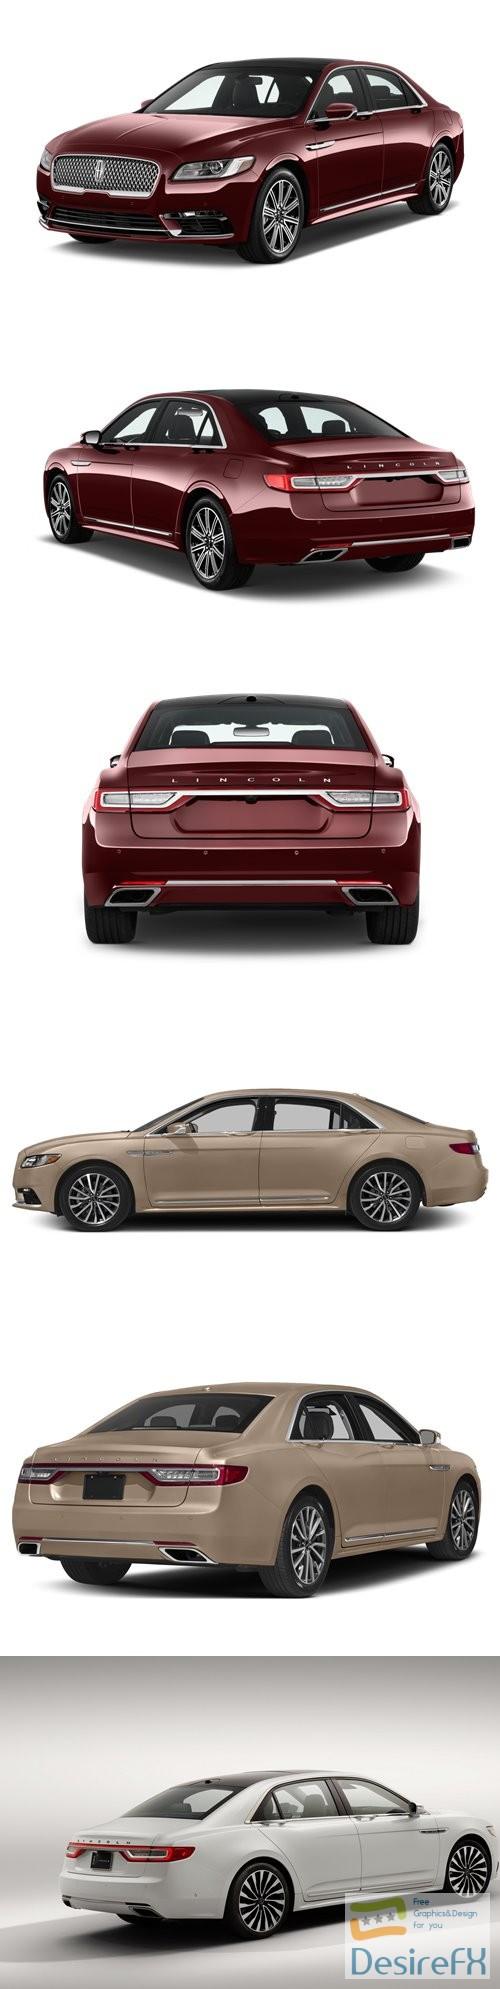 3d-models - Lincoln Continental 2017 3D Model